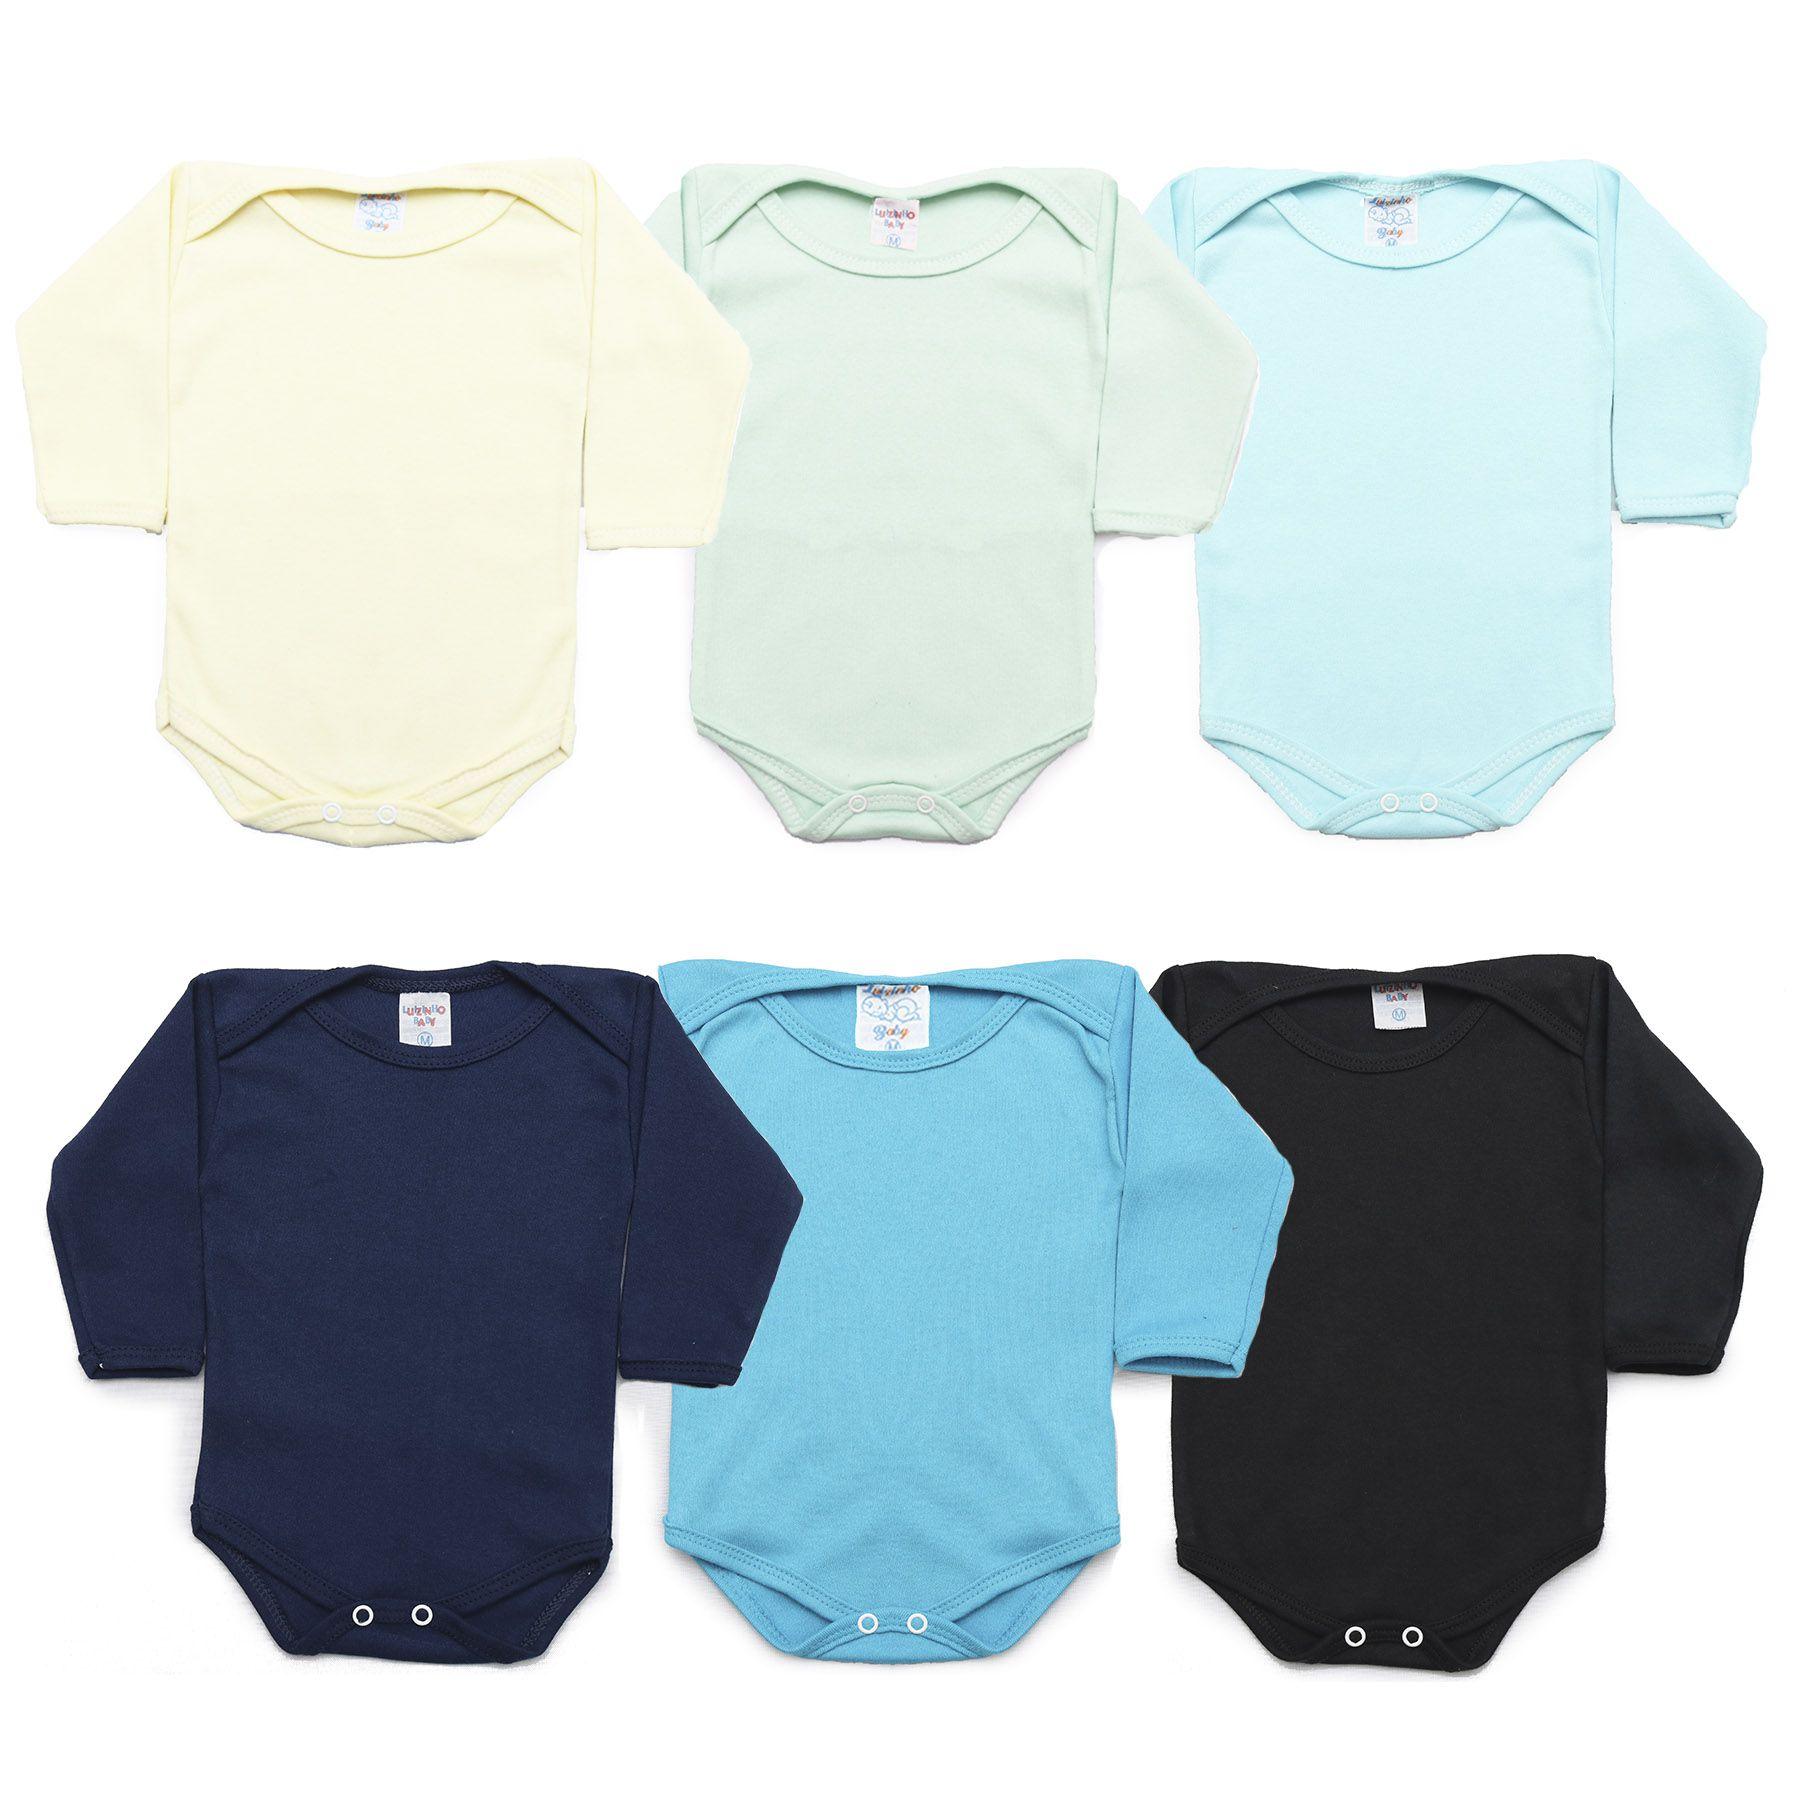 Kit Body Bebê com 6 Peças Menino Colorido